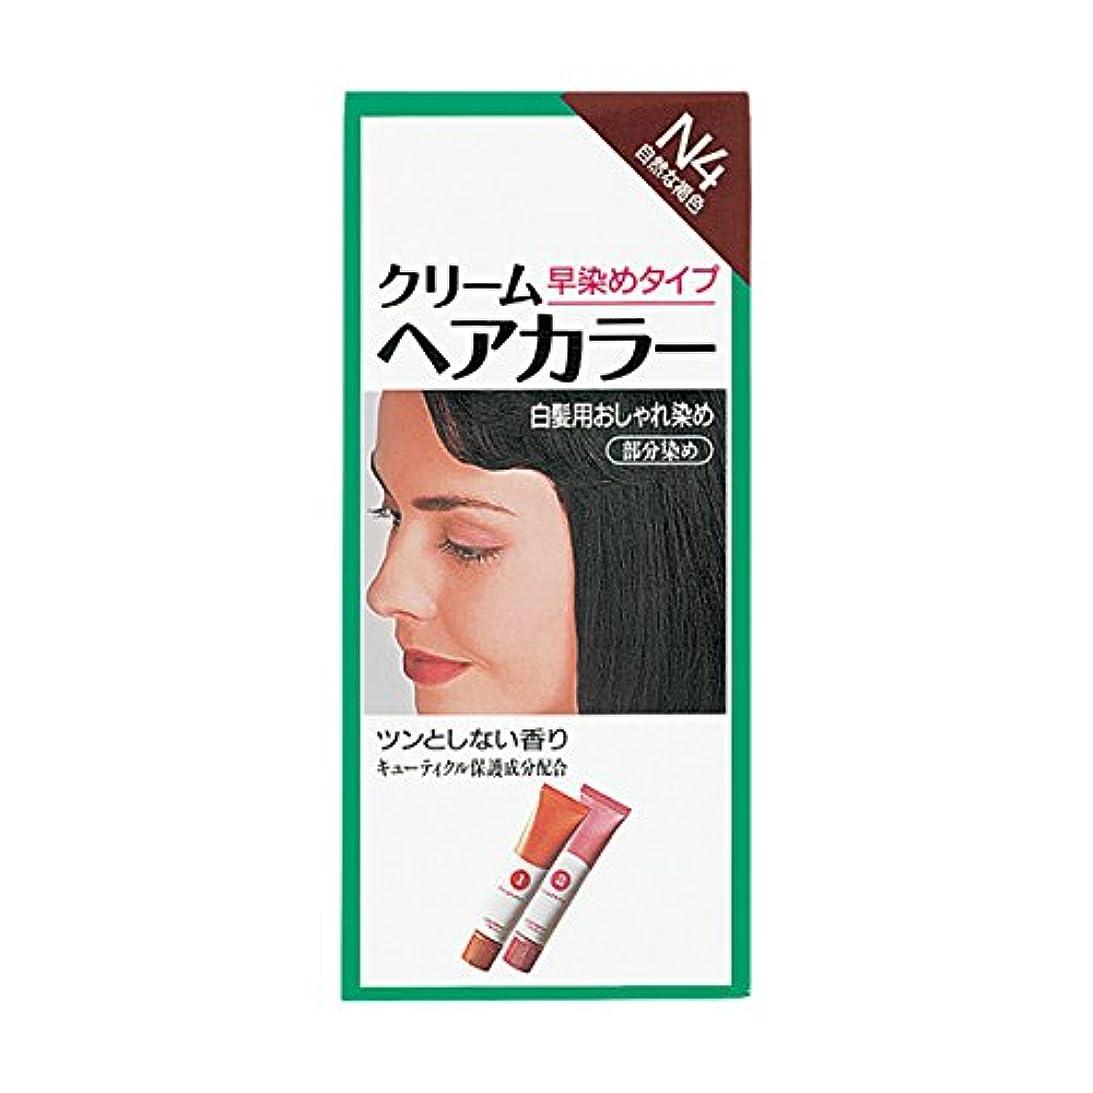 遅滞色おなかがすいたヘアカラー クリームヘアカラーN N4 【医薬部外品】